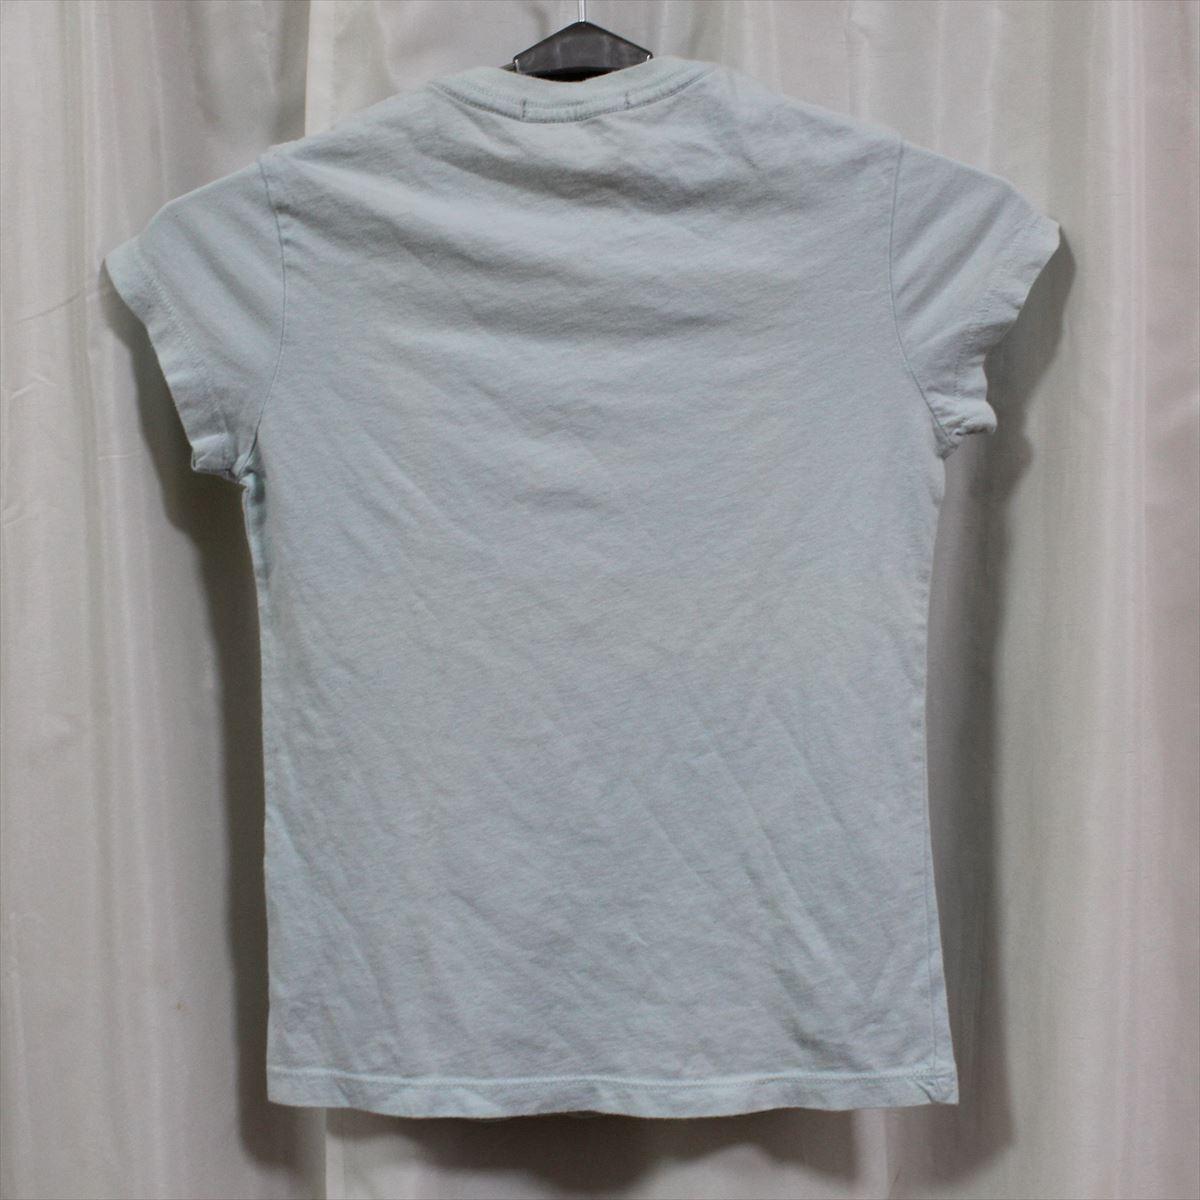 パメラアンダーソン Pamera Anderson レディース半袖Tシャツ ライトブルー Sサイズ アウトレット 新品_画像3